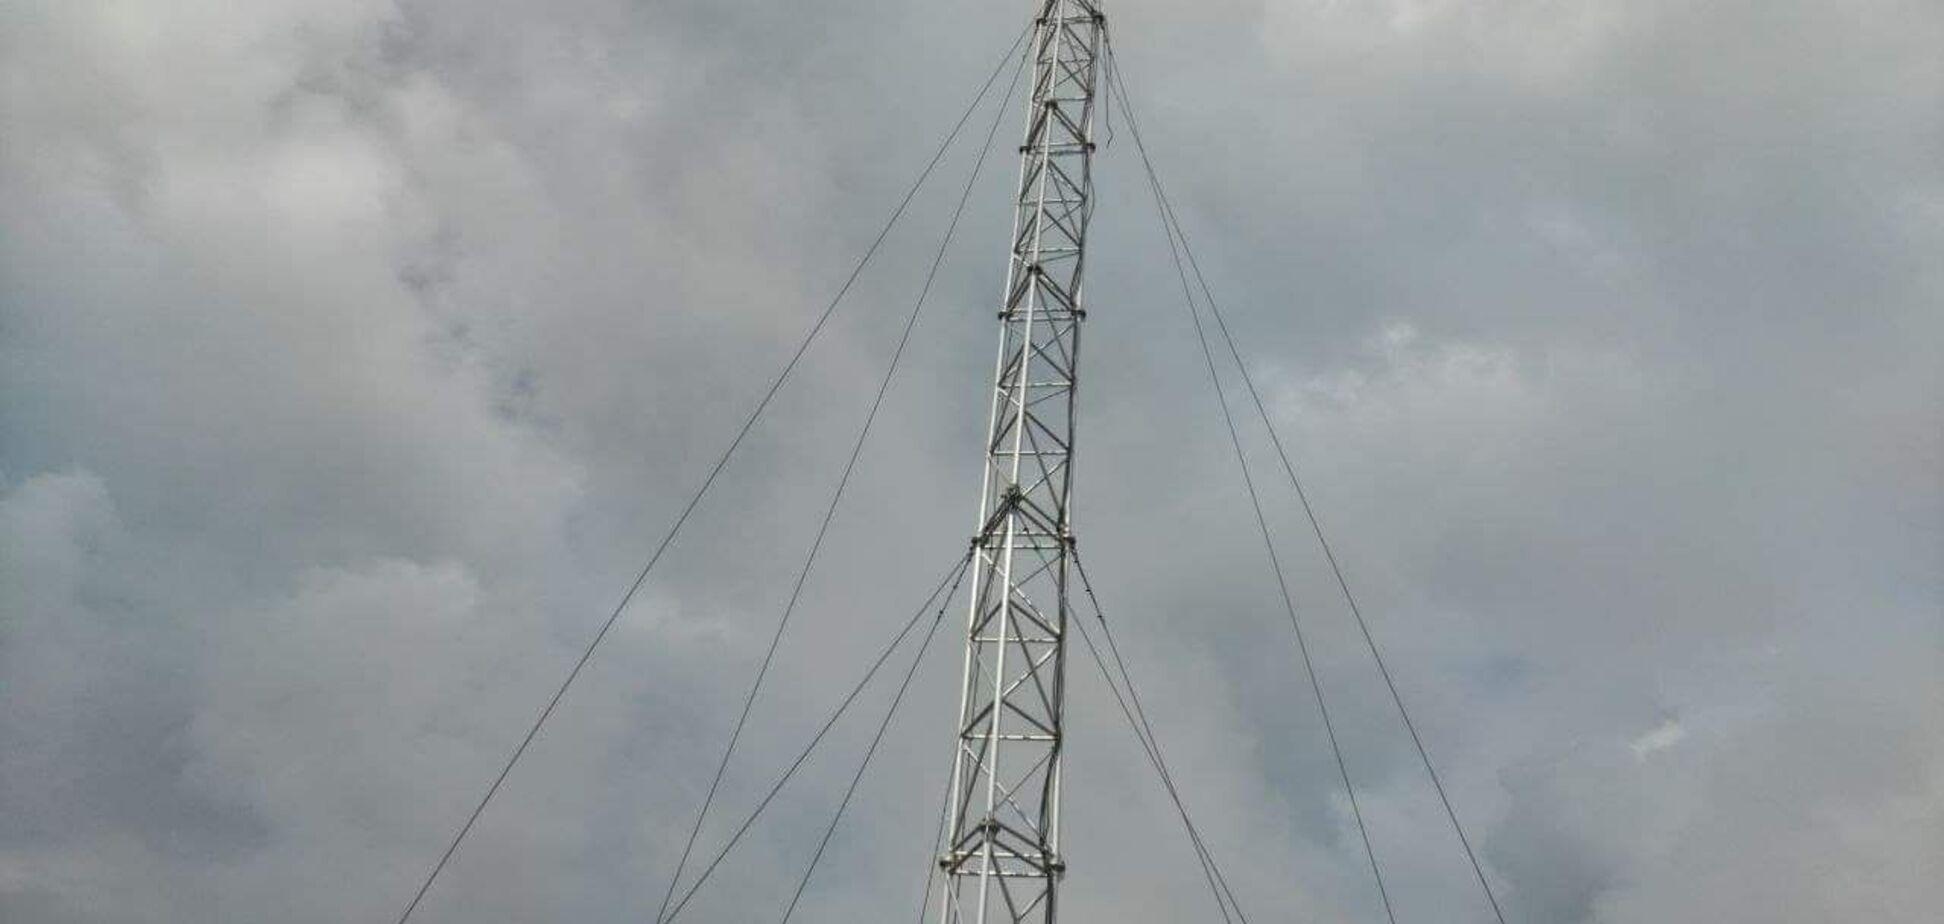 Камера миссии ОБСЕ была установлена на вышке